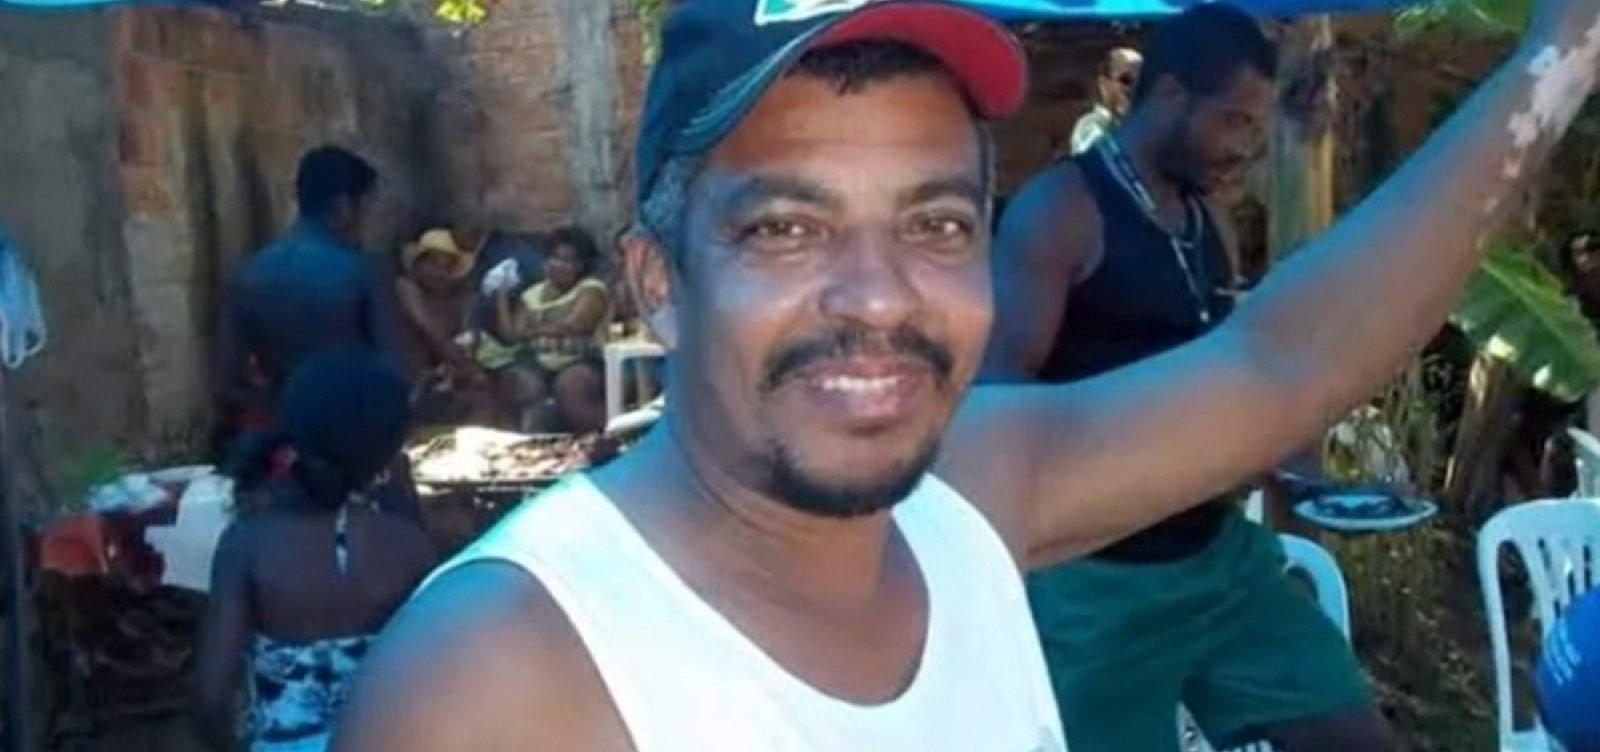 Trabalhador morre após ser atropelado por empilhadeira no interior da Bahia